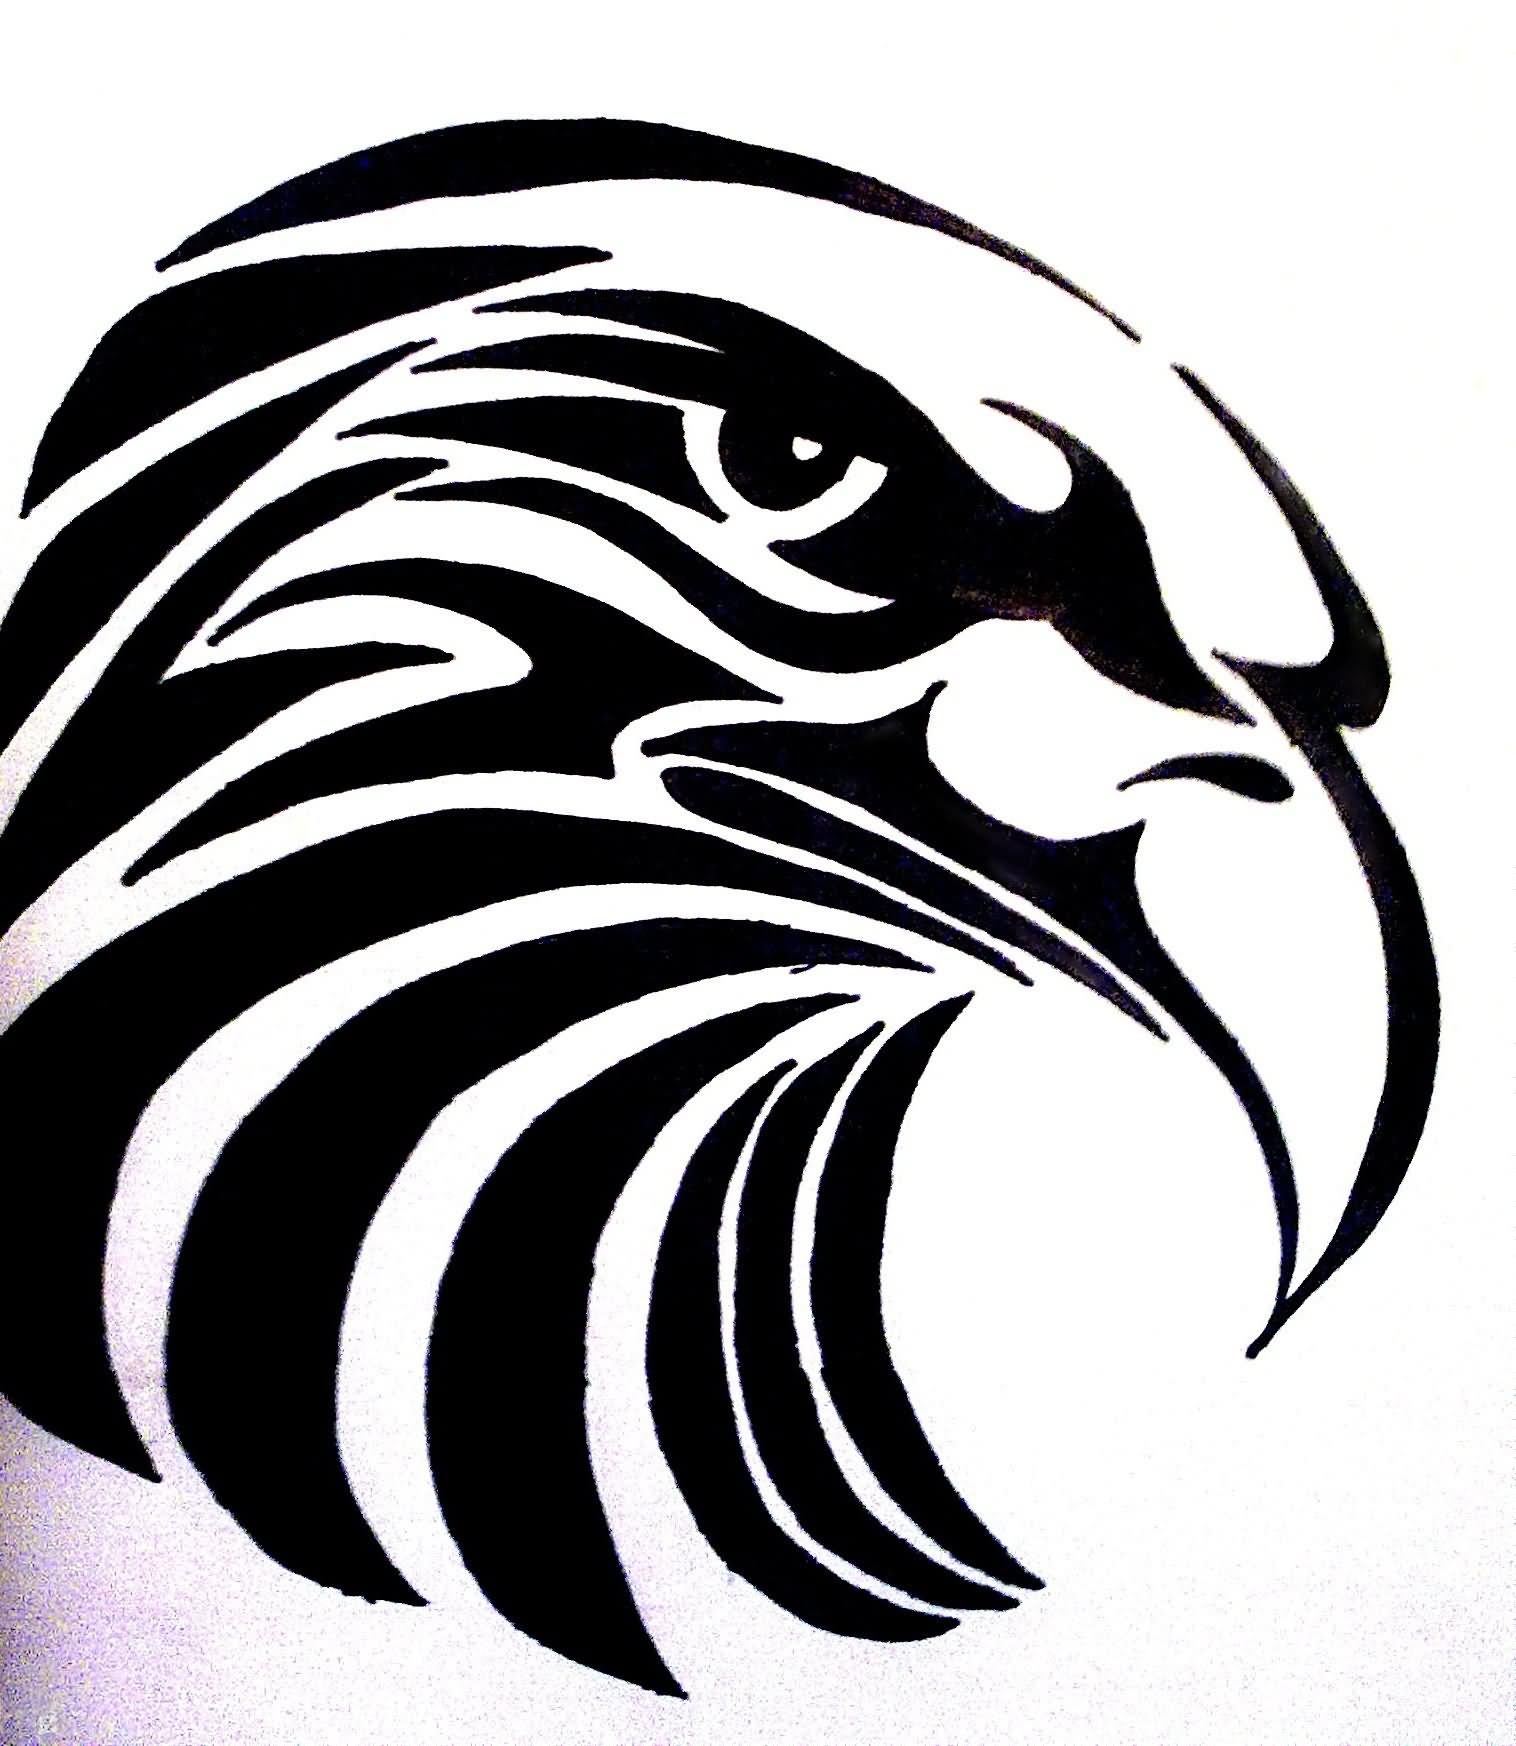 Tribal eagle tattoo stencil by Bogi90